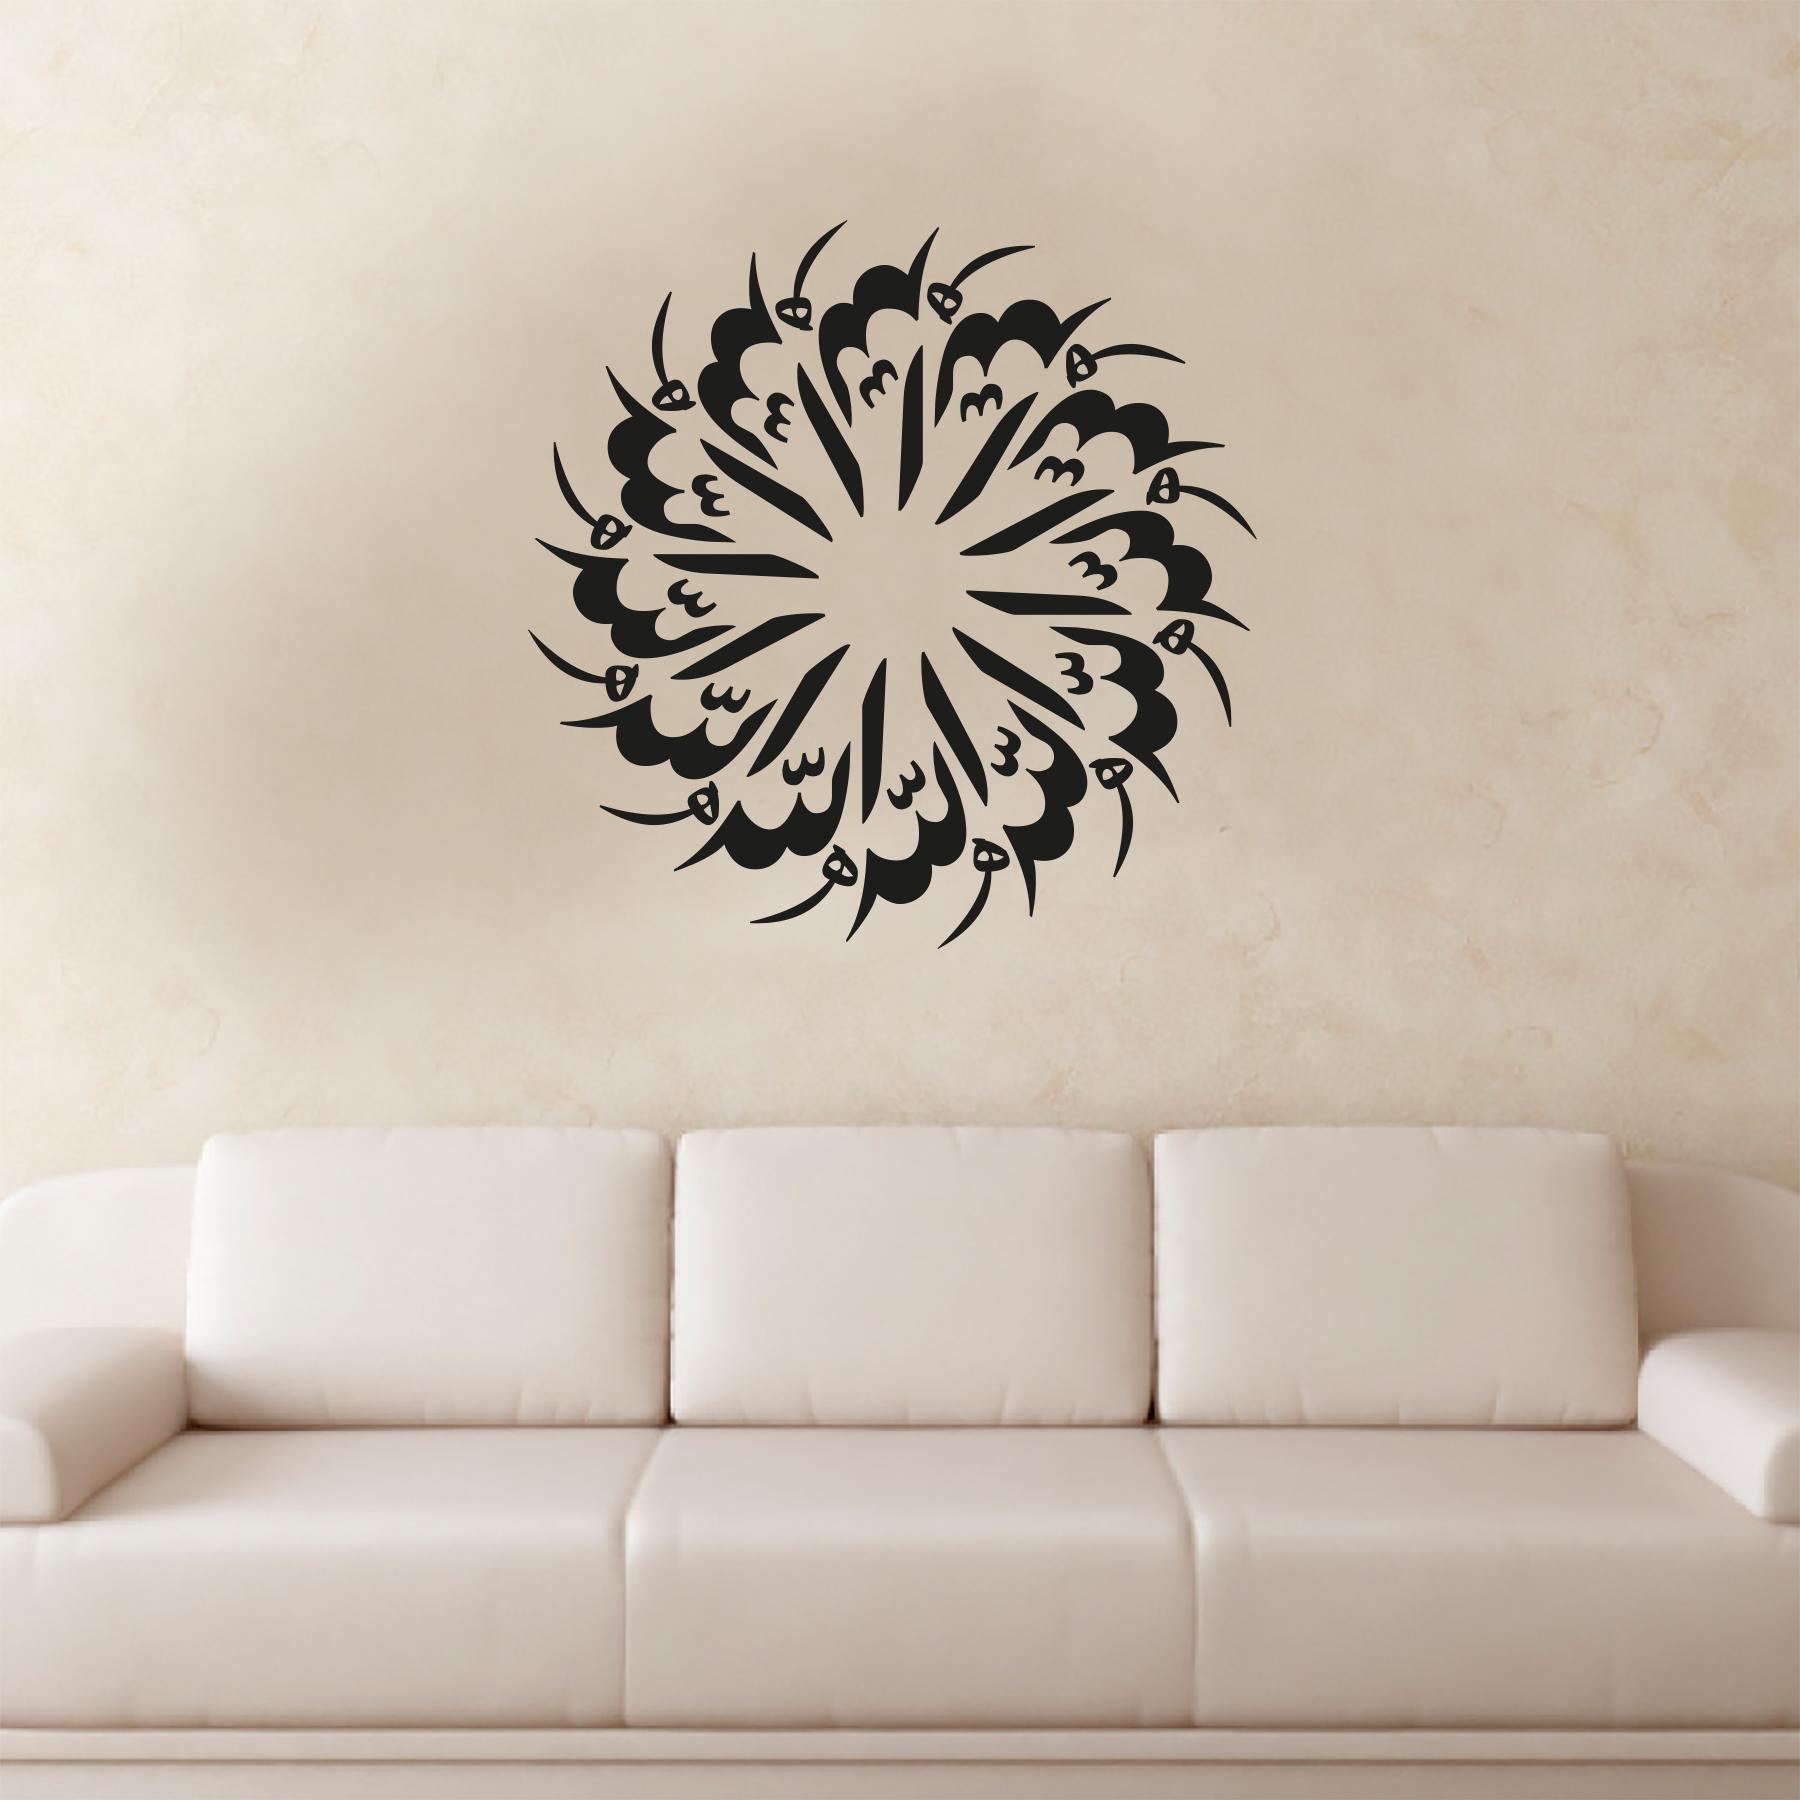 Glamorous Wandtattoo Bilder Reference Of Allah Wandaufkleber Runde Schrift Sonnen Form |